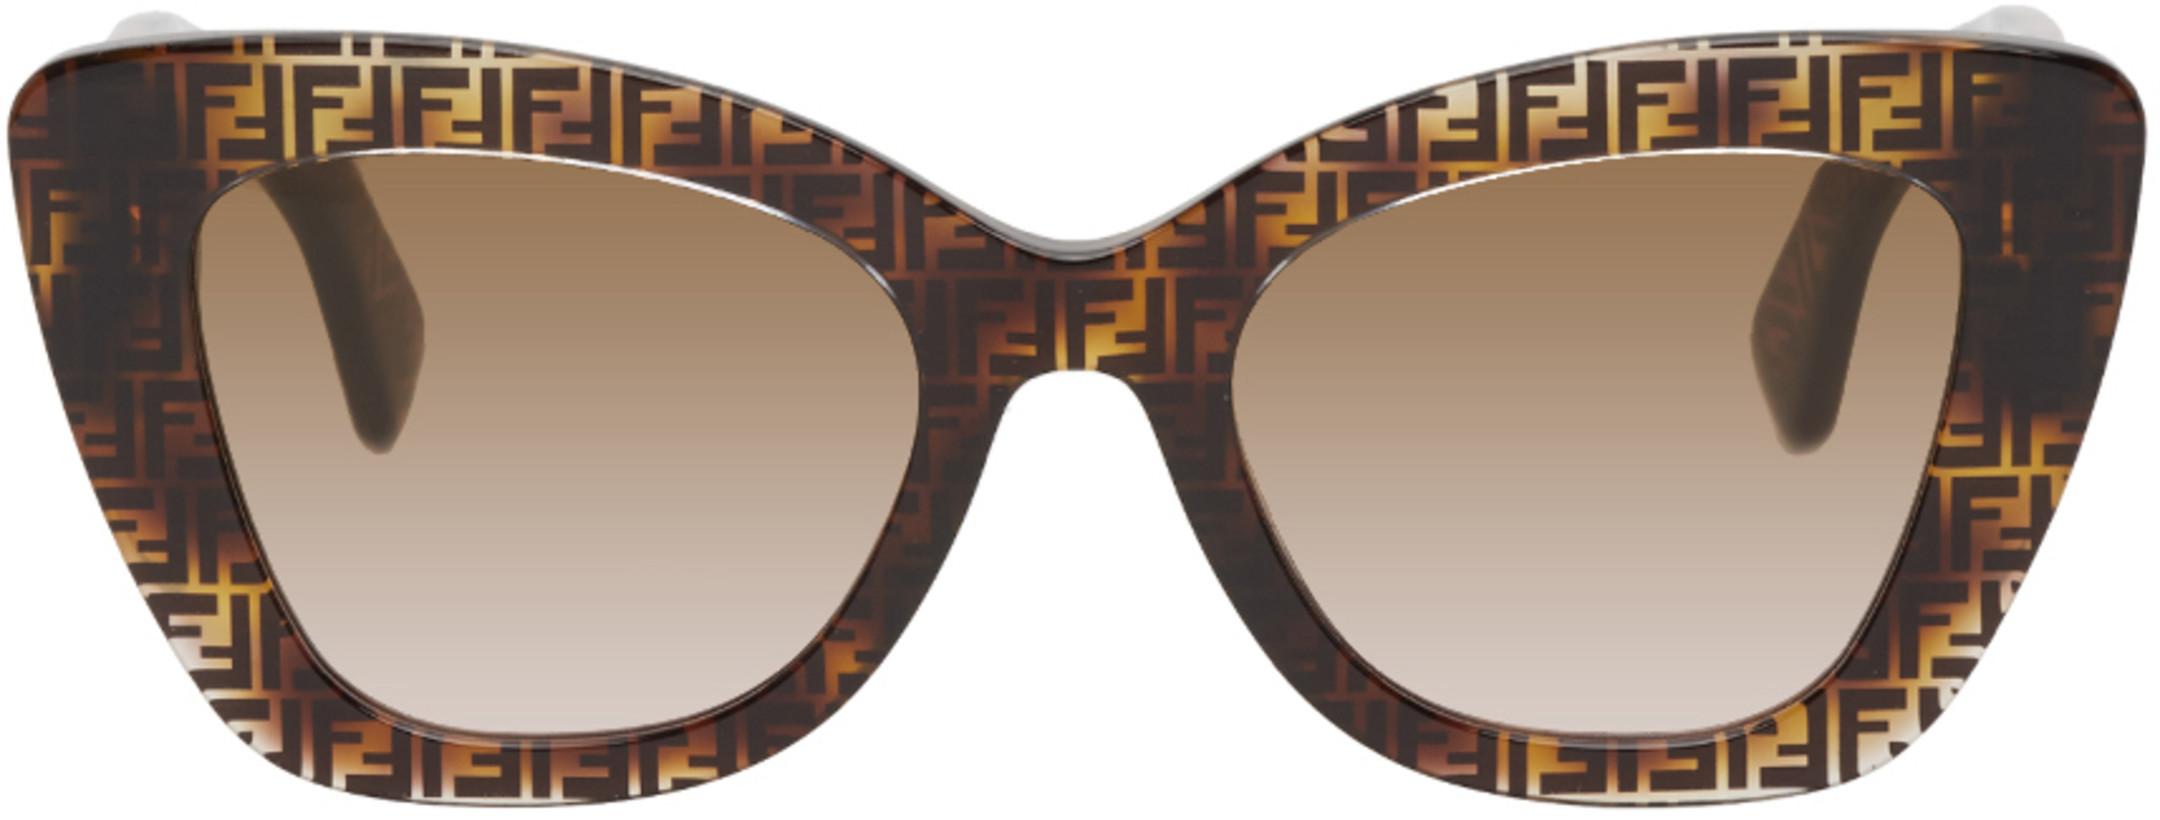 Fendi Tortoiseshell 'F Is Fendi' Cat-Eye Sunglasses